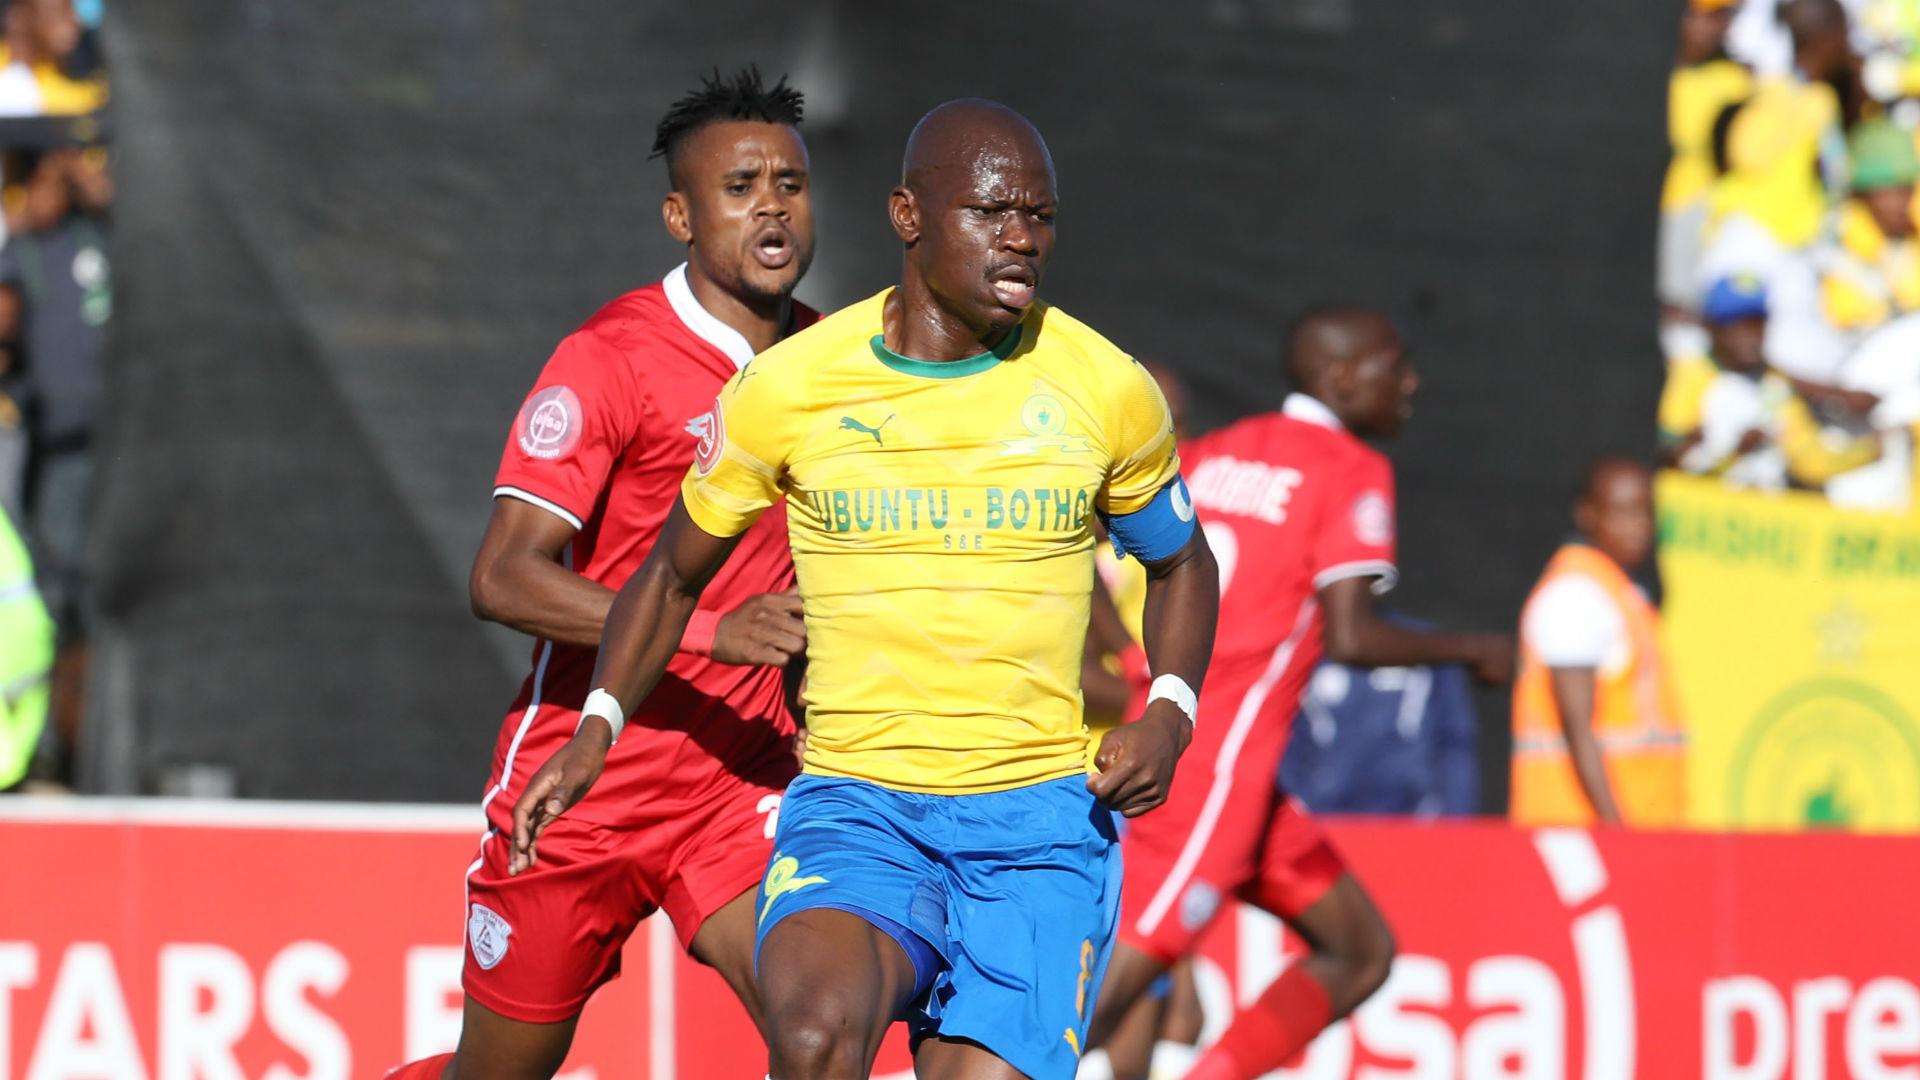 Harris Tchilimbou, Free State Stars & Hlompho Kekana, Sundowns, May 2019